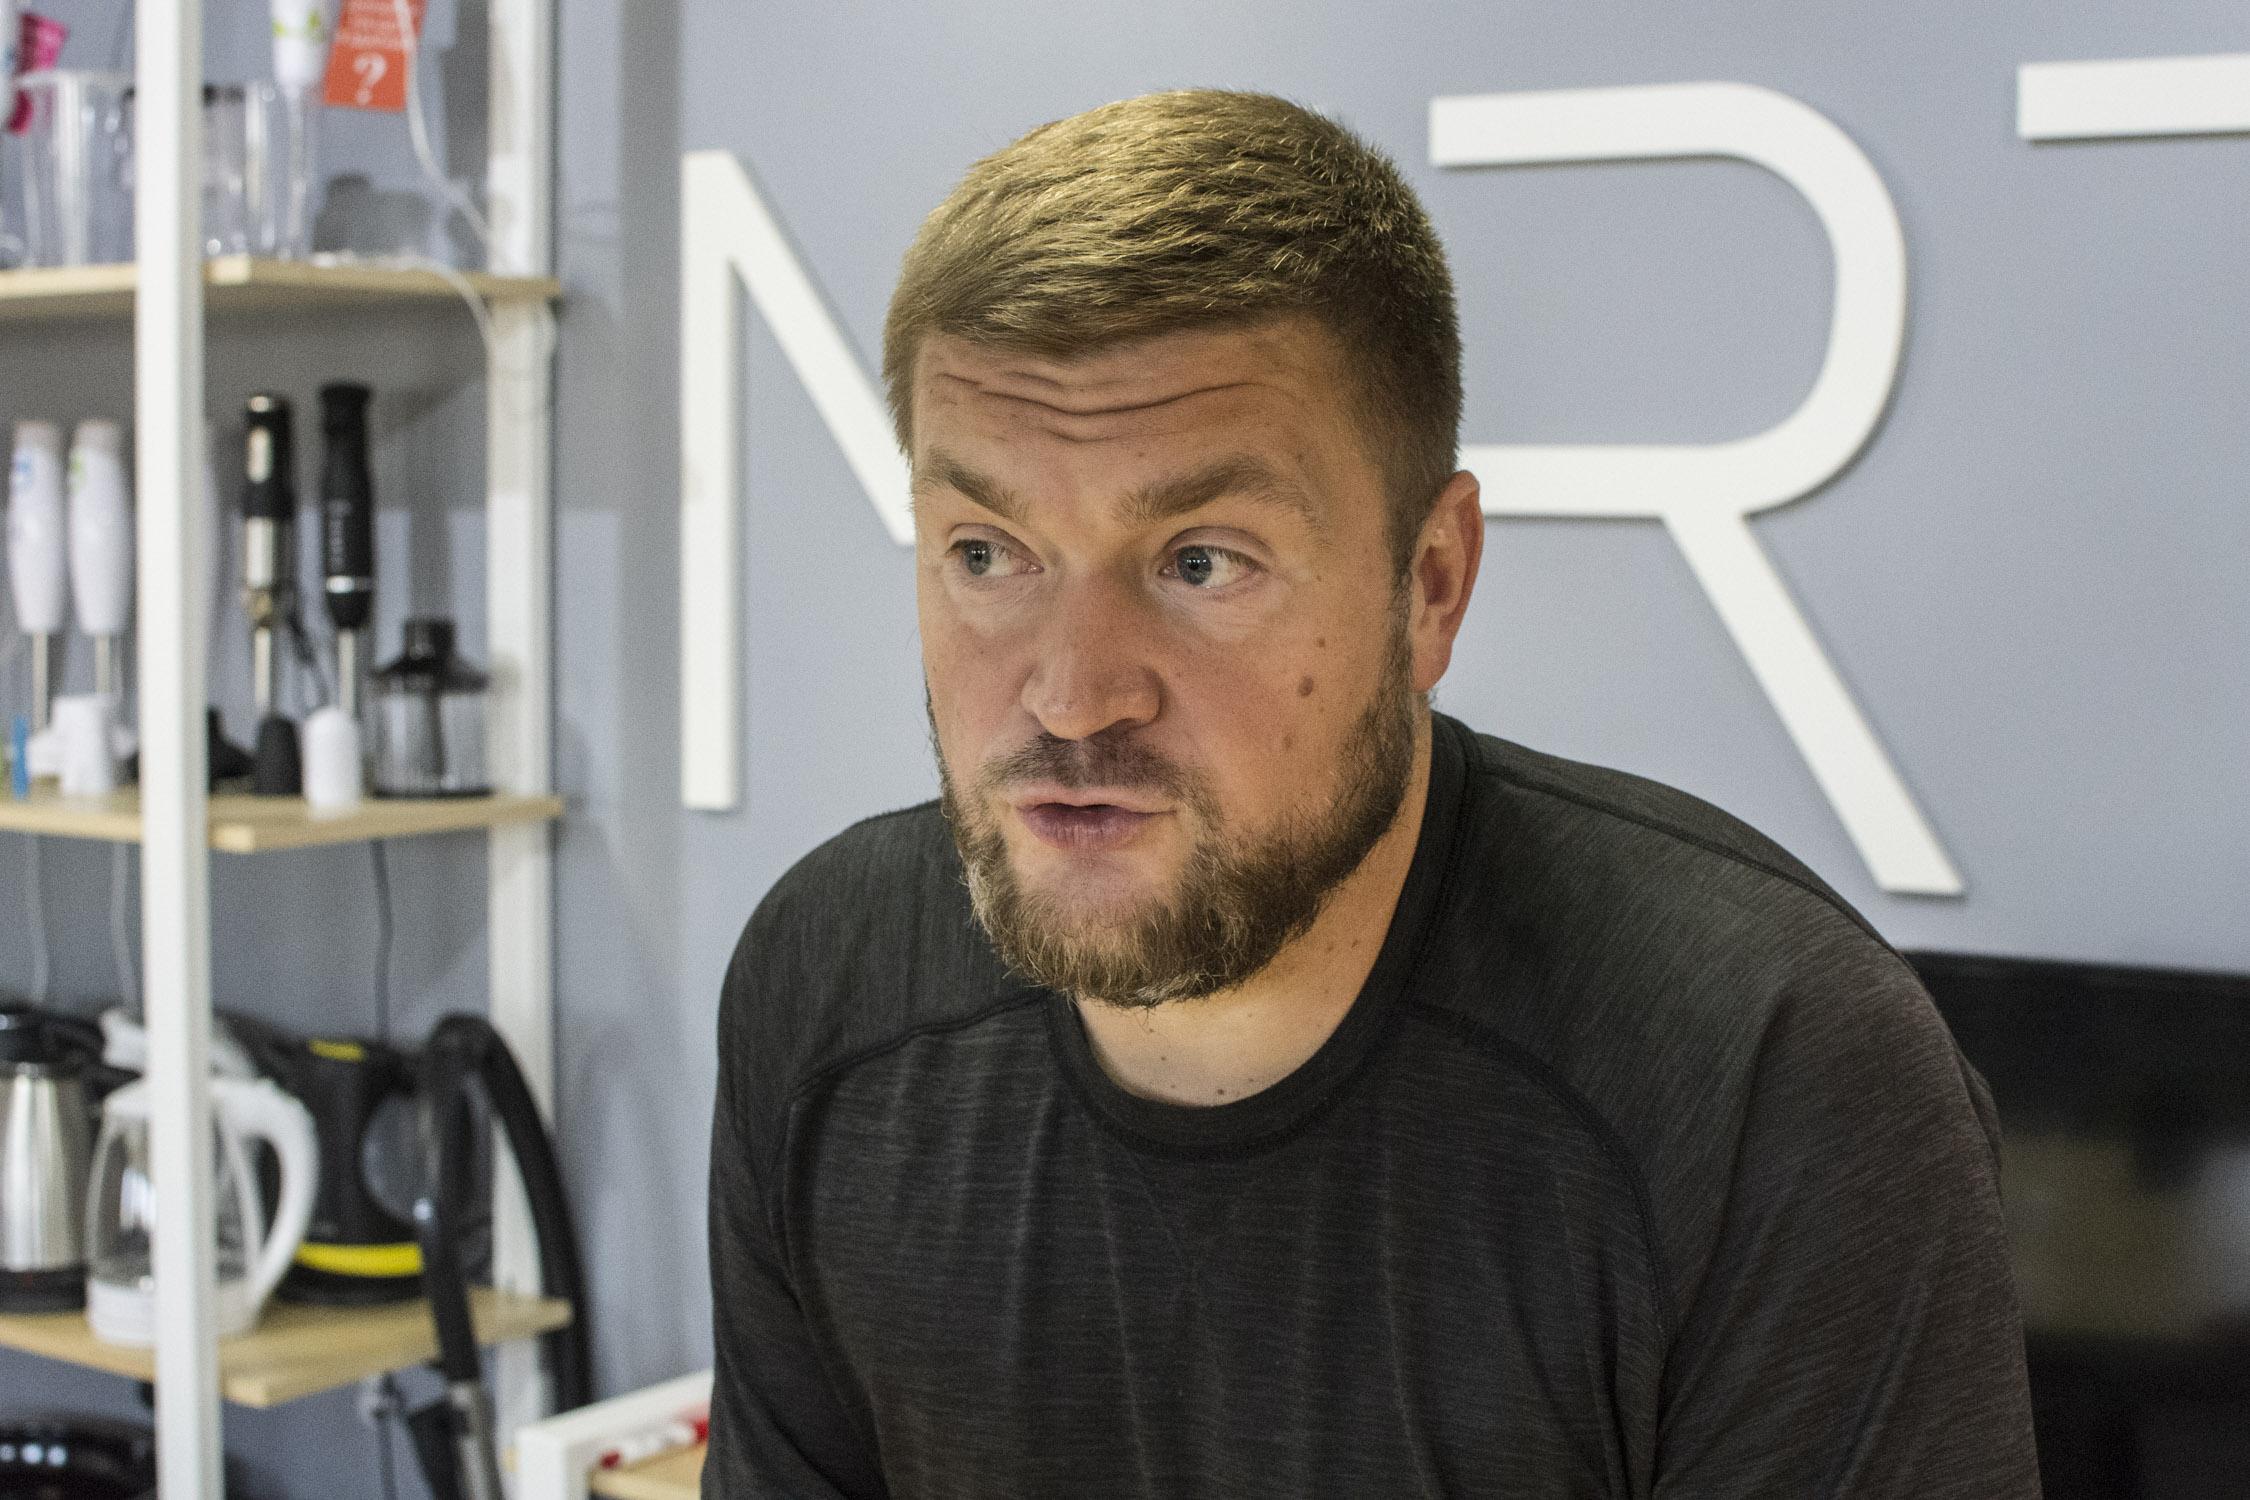 КРИЗИС-МЕНЕДЖЕР: Артем Лукашев о том, как от кризисов получать не вред и инфаркты, а пользу и деньги